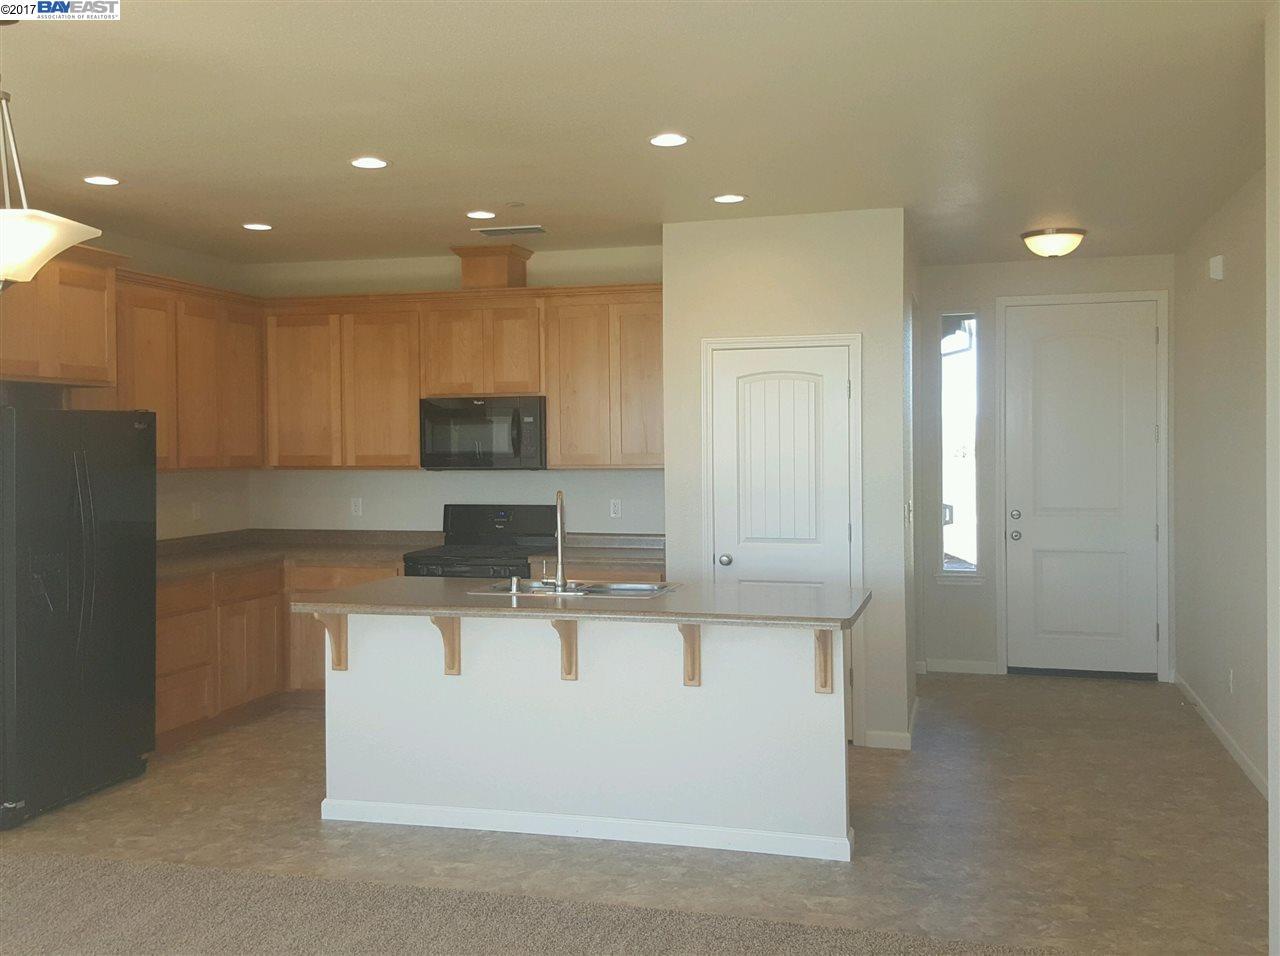 Maison unifamiliale pour l Vente à 2 Cully Court 2 Cully Court Oroville, Californie 95966 États-Unis